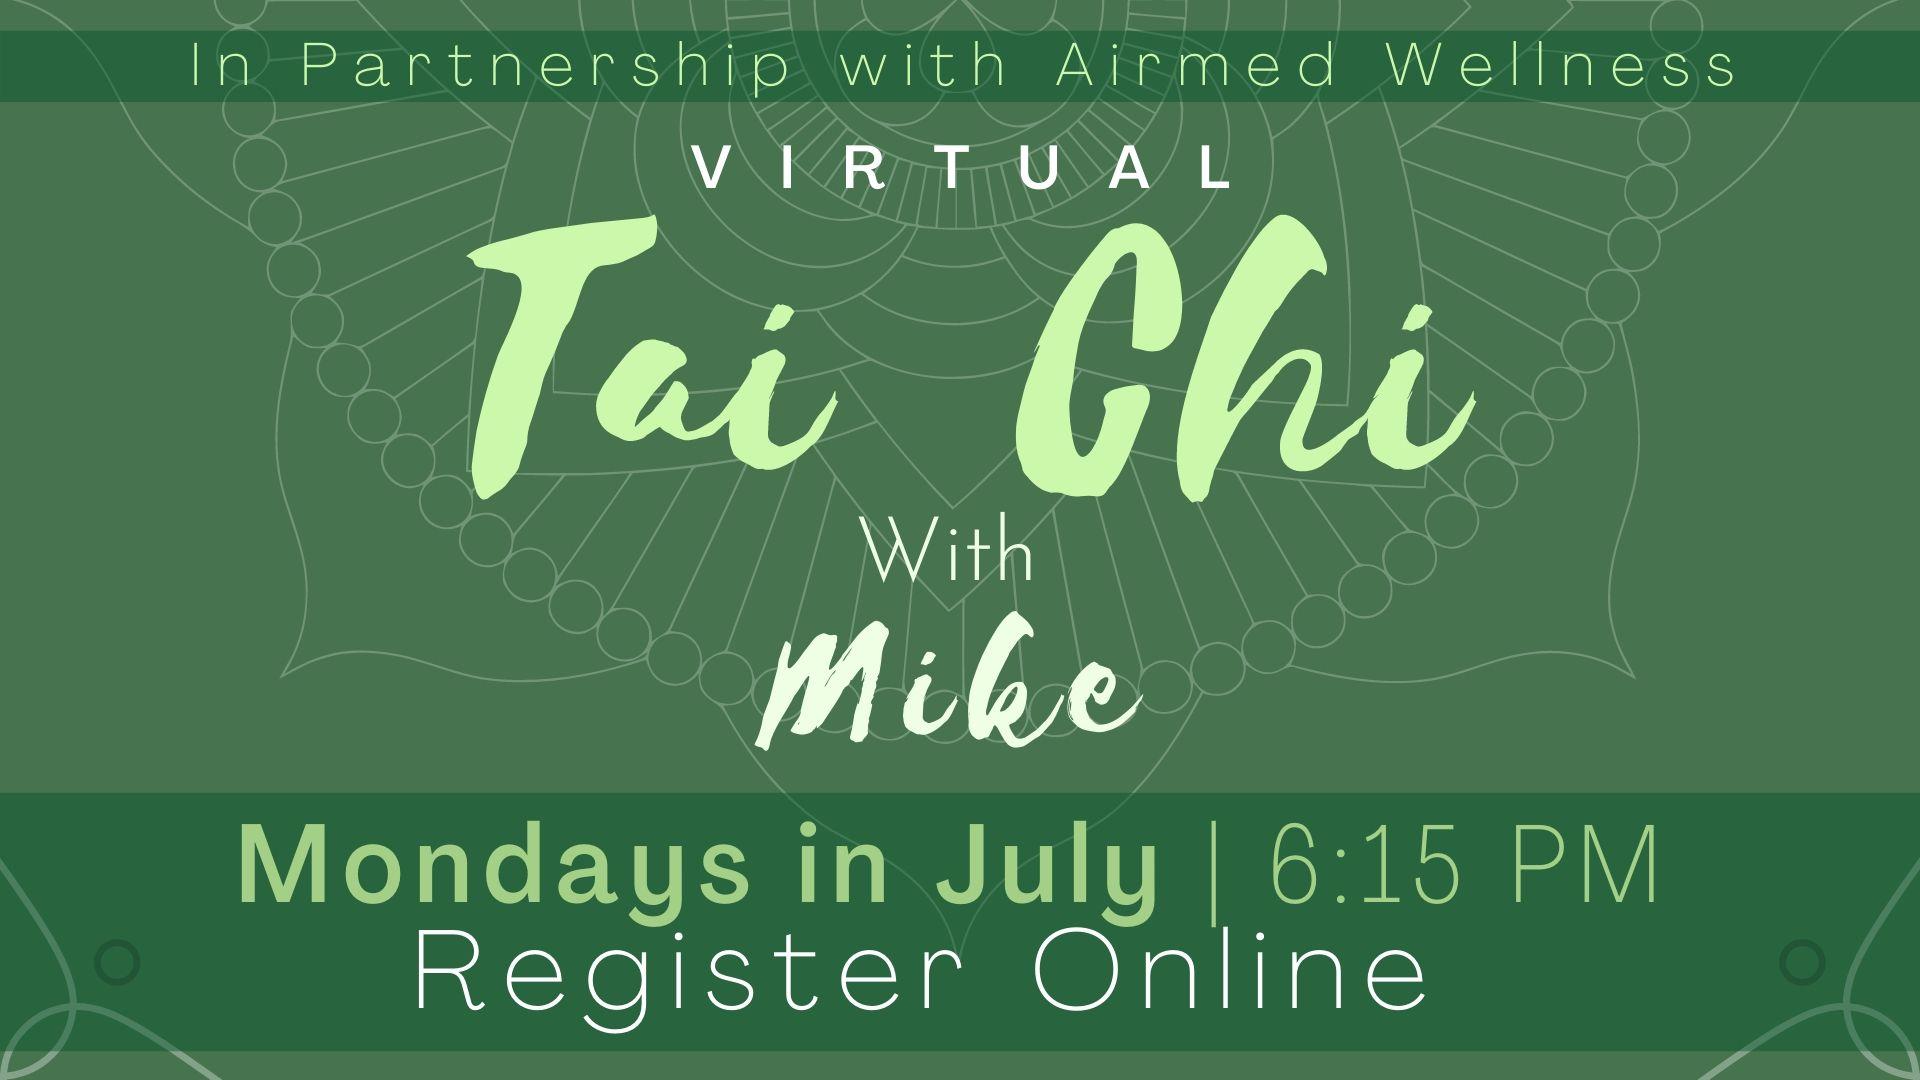 Tai Chi with Mike (Virtual Program)